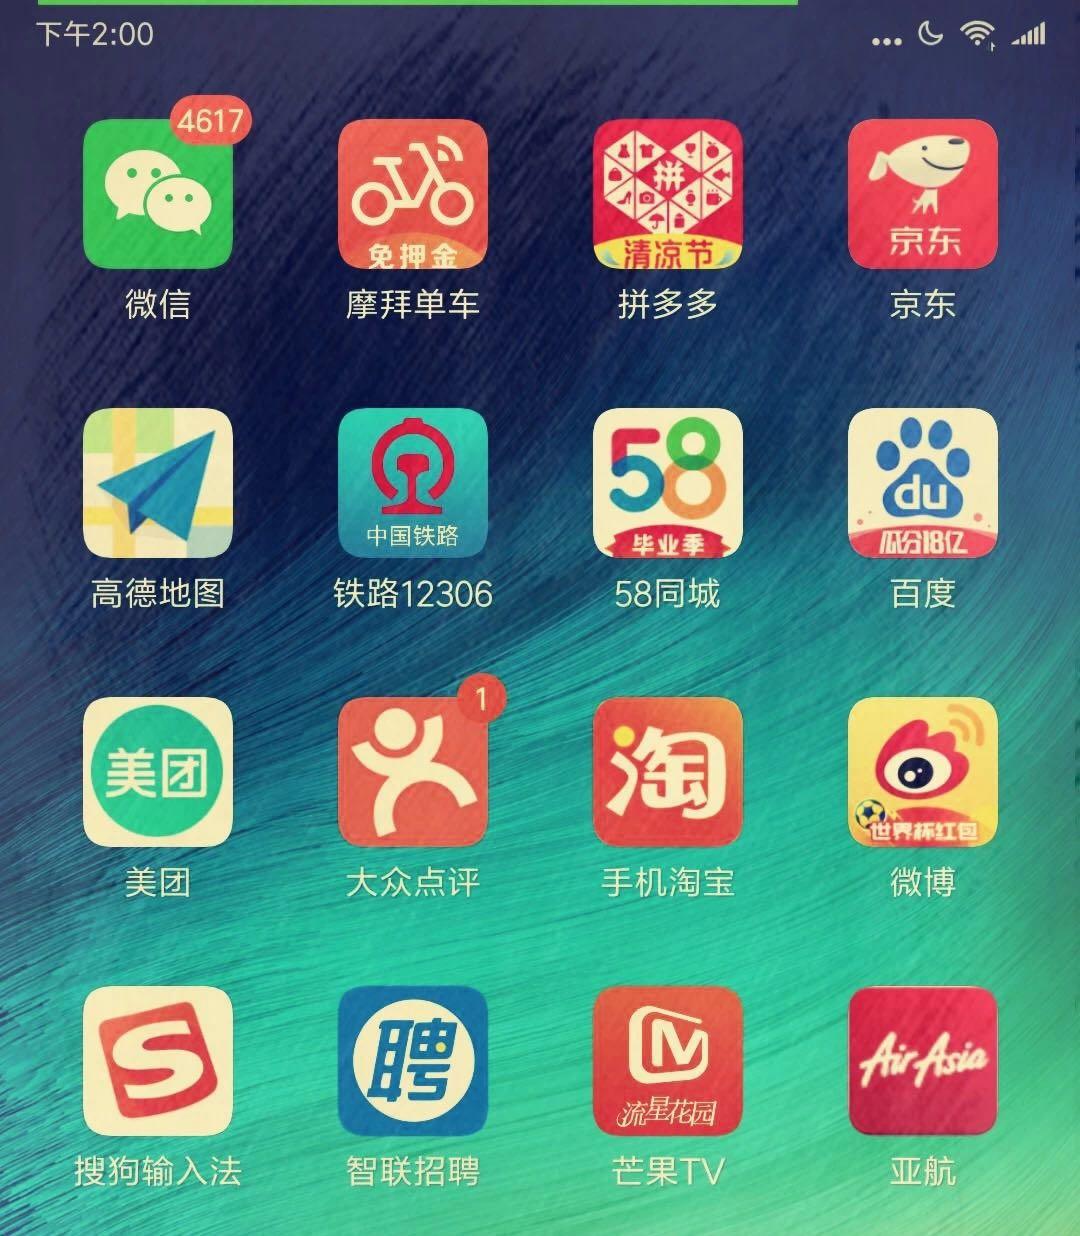 爬虫最爱扒的50家网站:一份《中国焦虑图鉴》